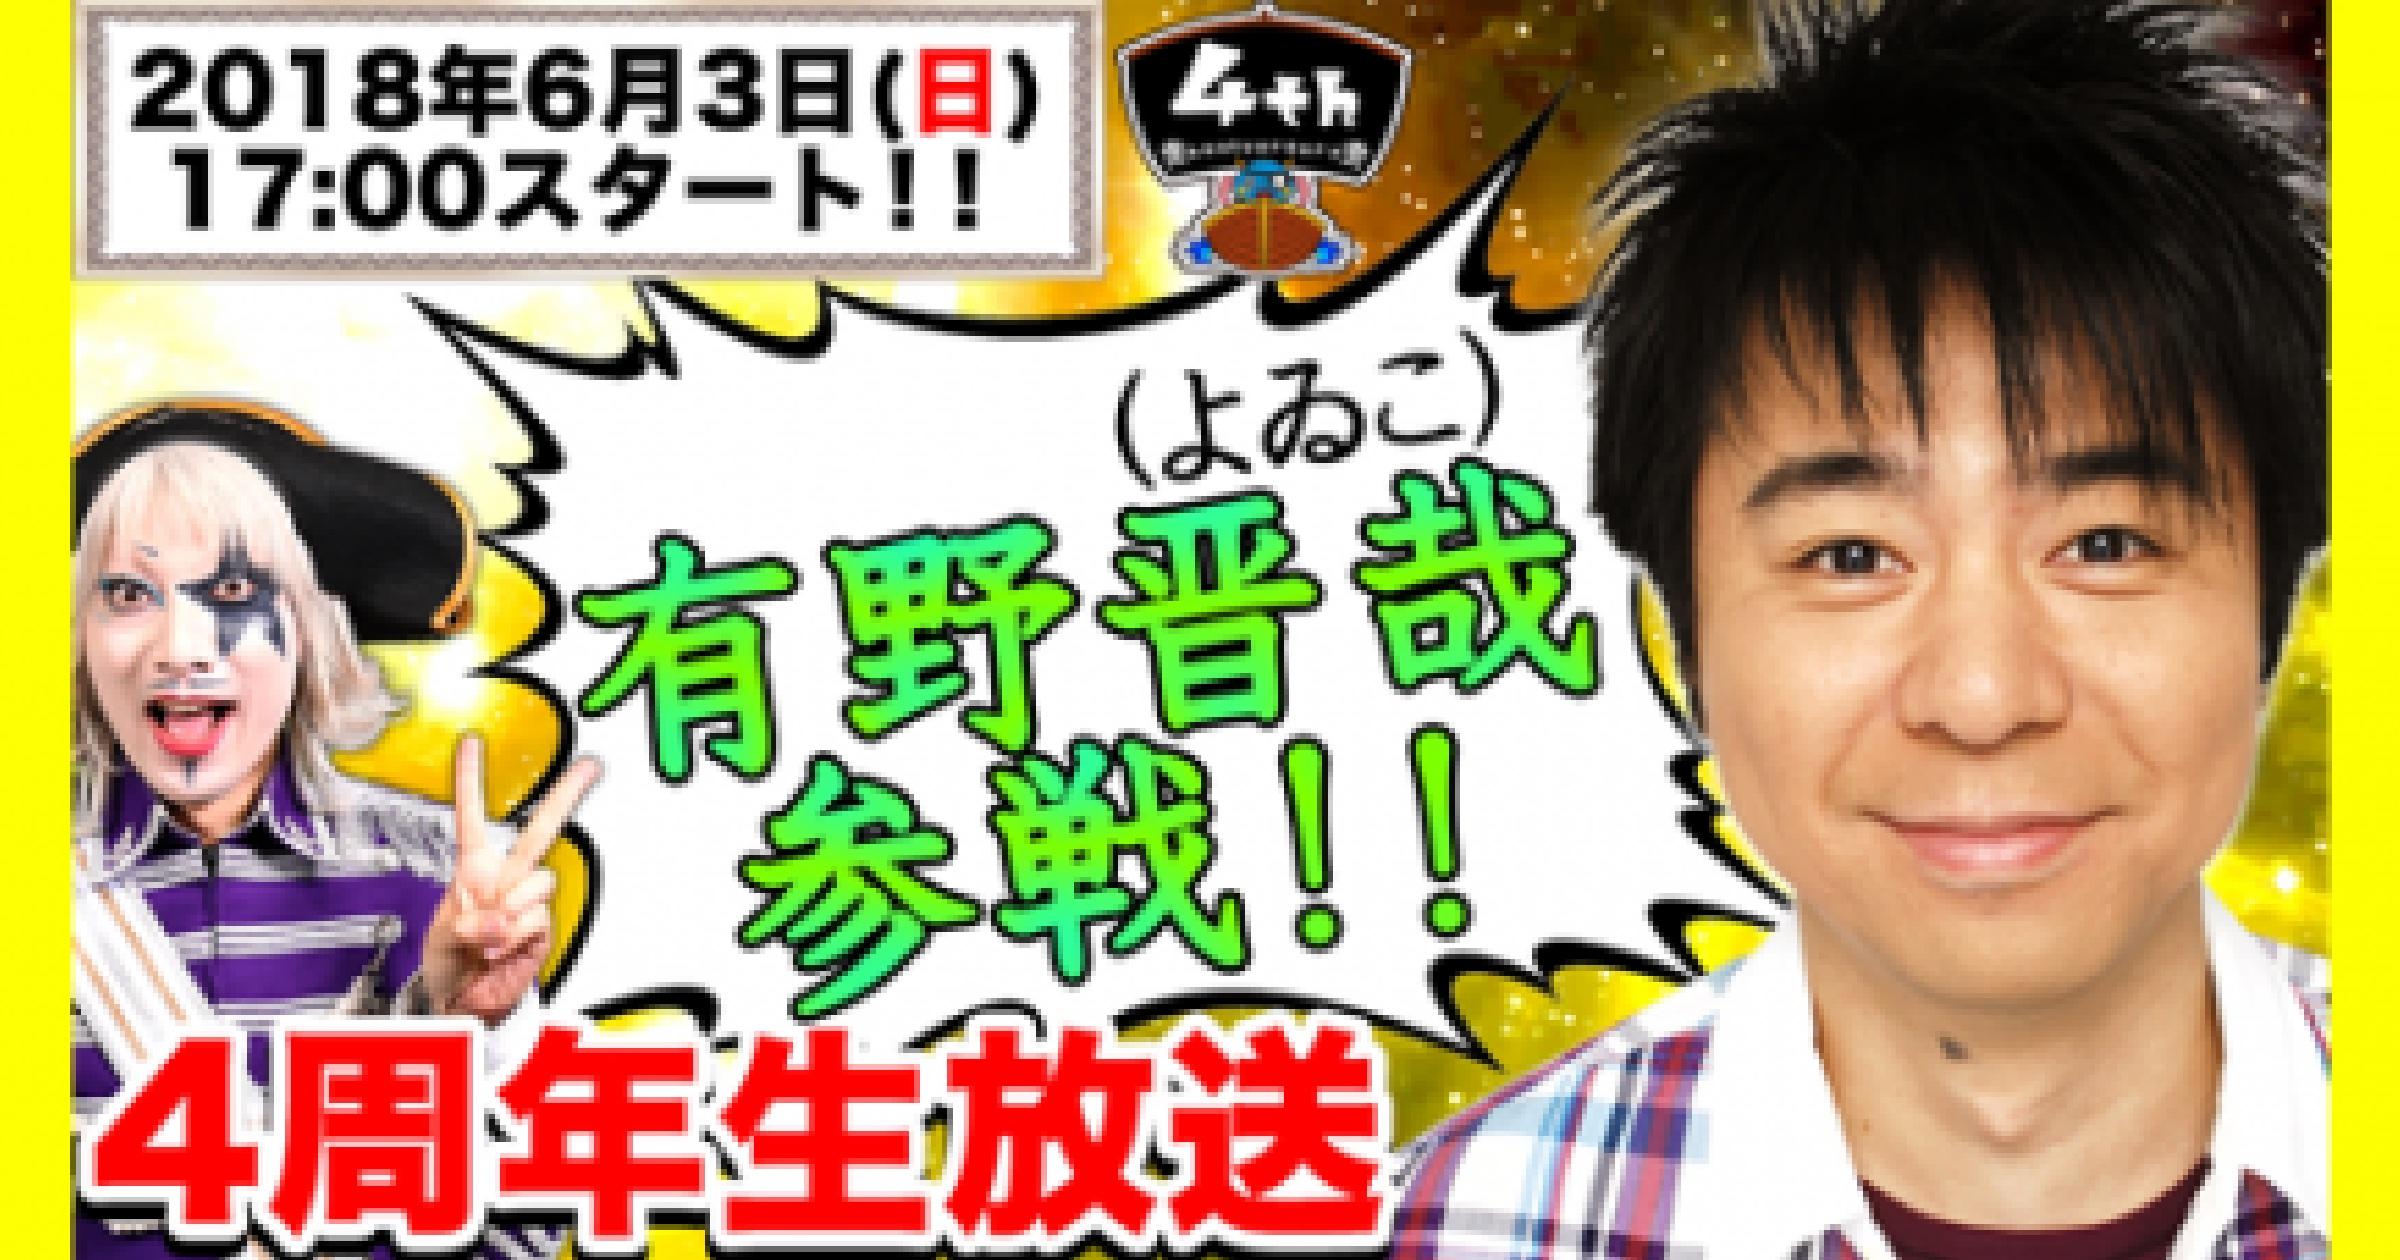 「ゴー☆ジャス動画」4周年イベント、よゐこ有野のゲスト参加が決定!